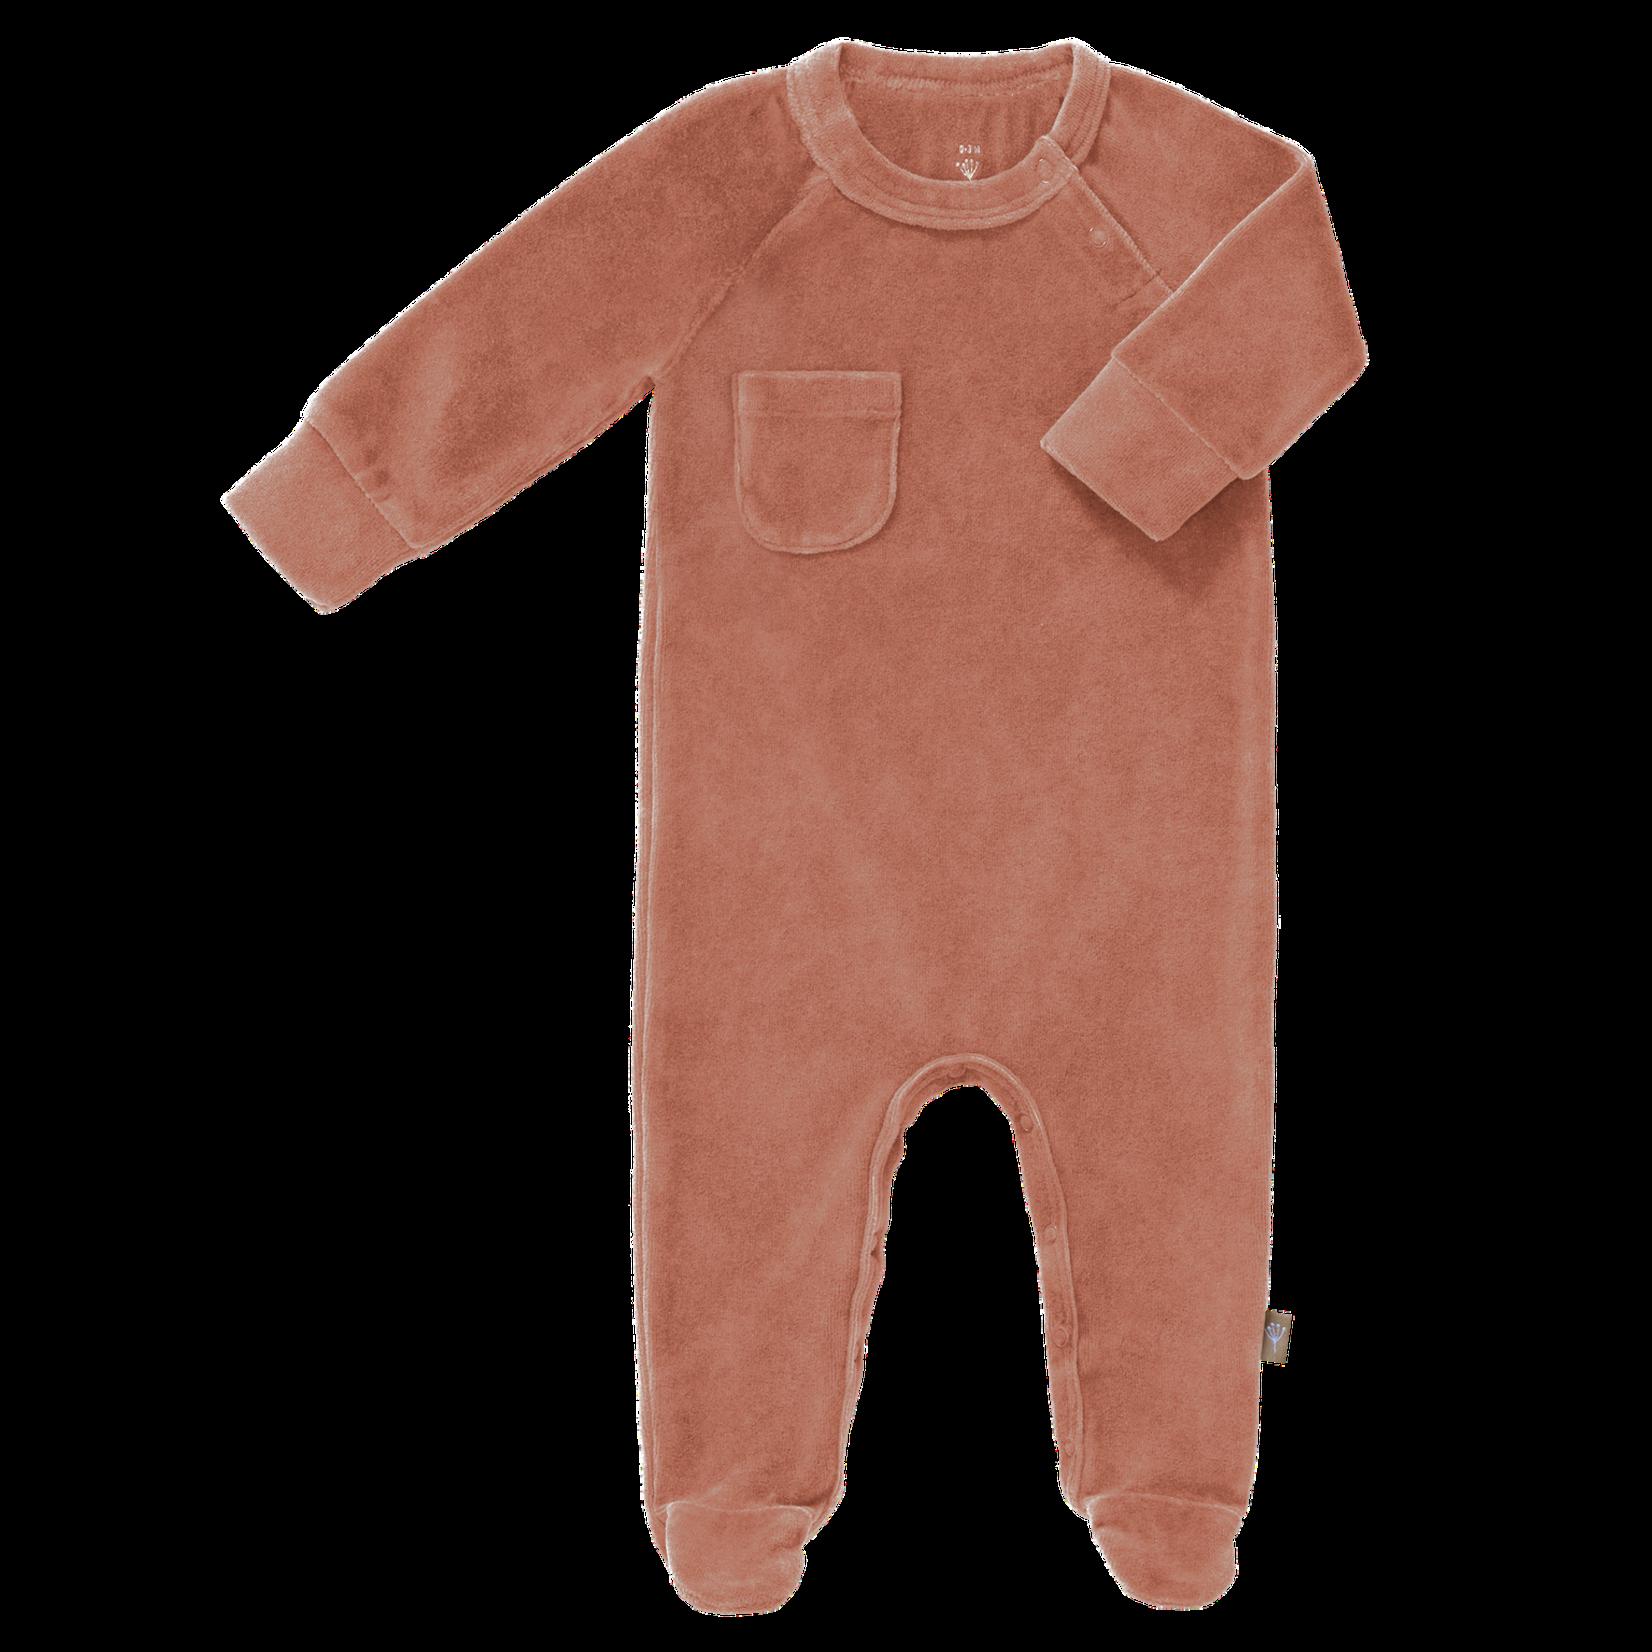 Fresk Pyjama velours met voet (Ash rose)